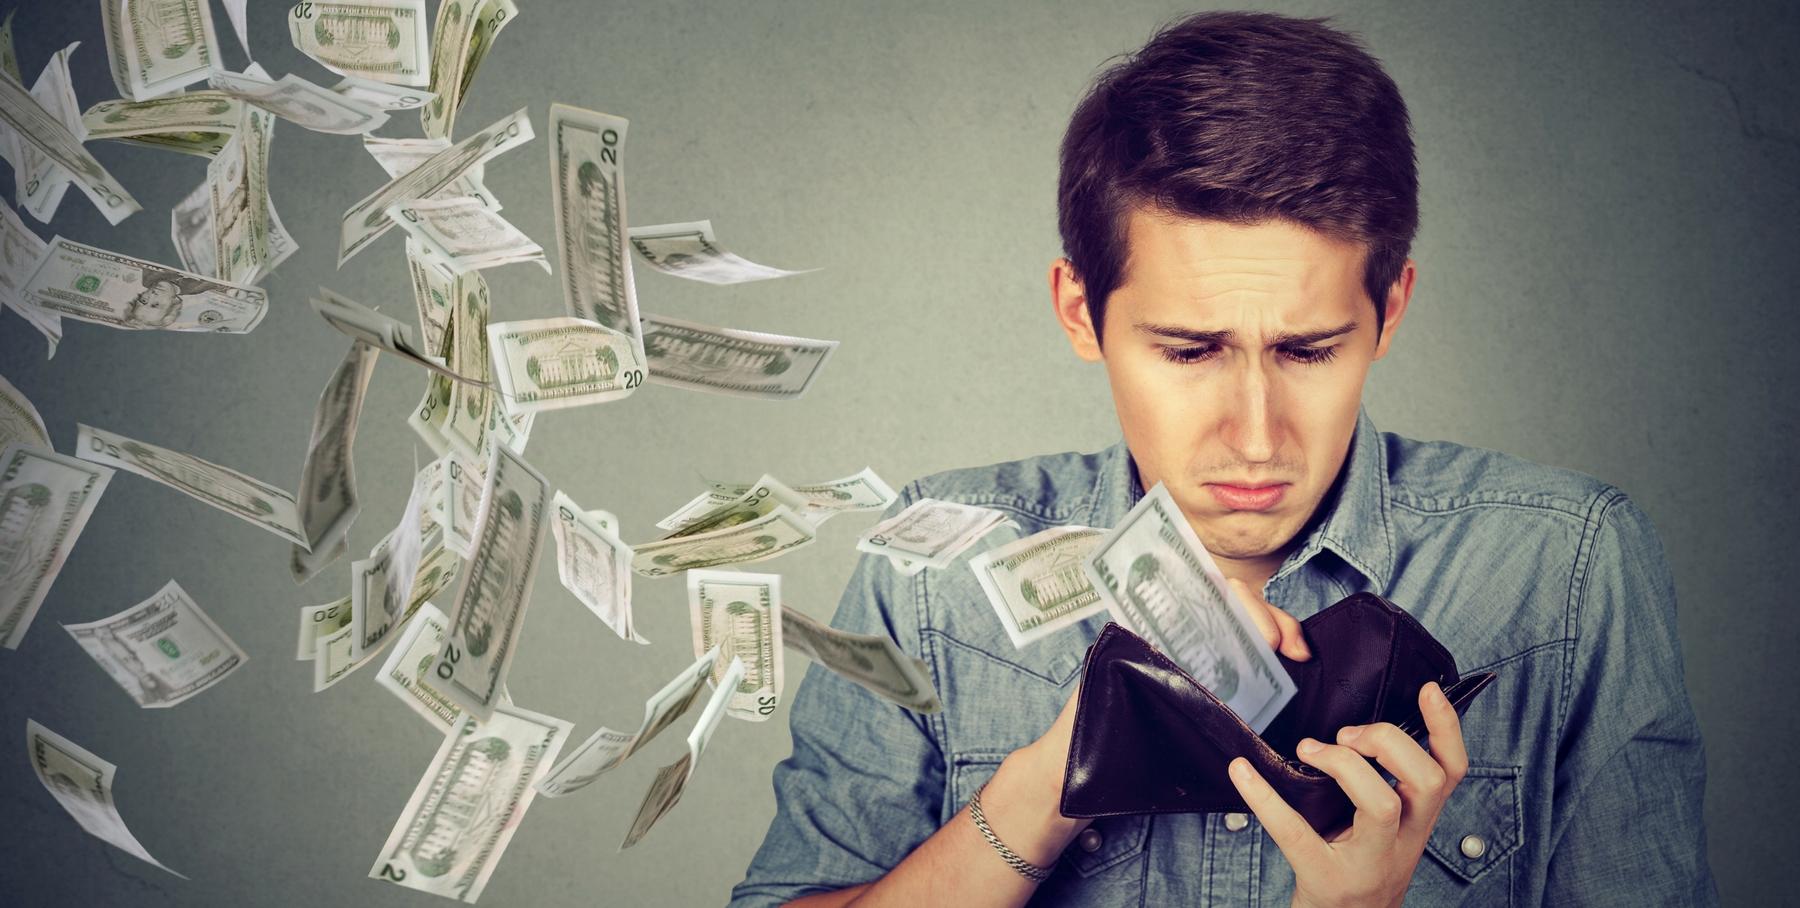 Сделаю все за деньги, Wish-for-cashготов на все за. ВКонтакте 17 фотография